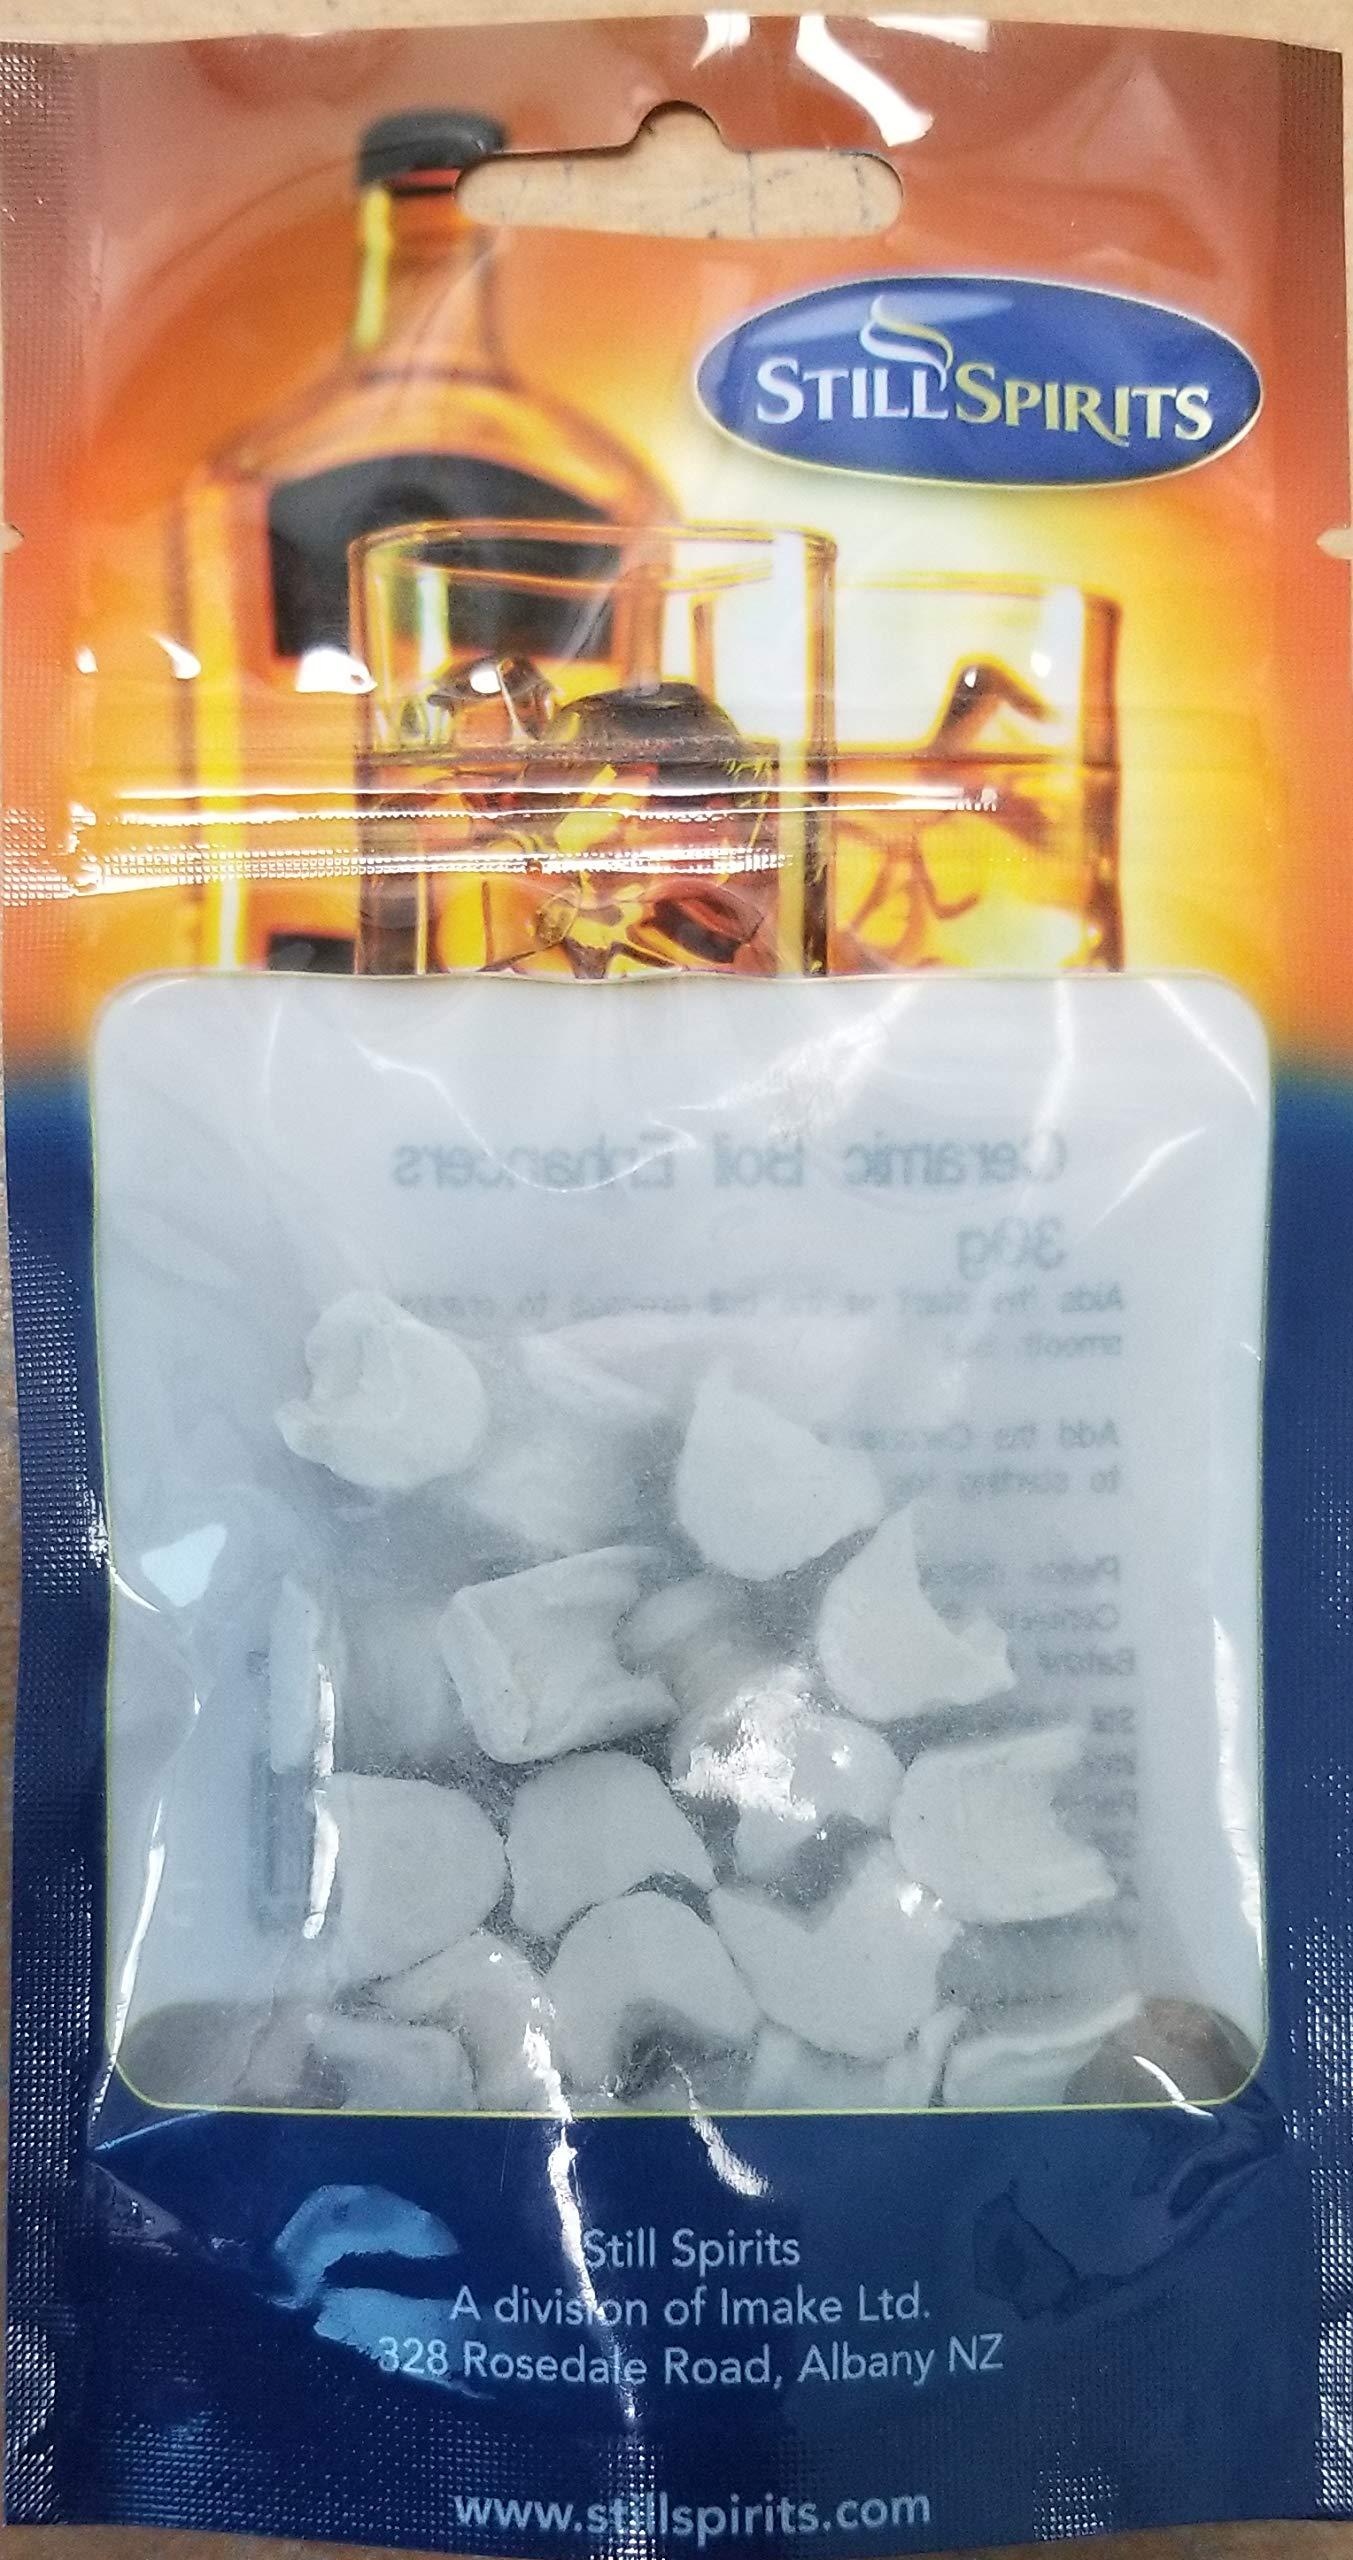 Ceramic Boil Enhancers (Still Spirits)